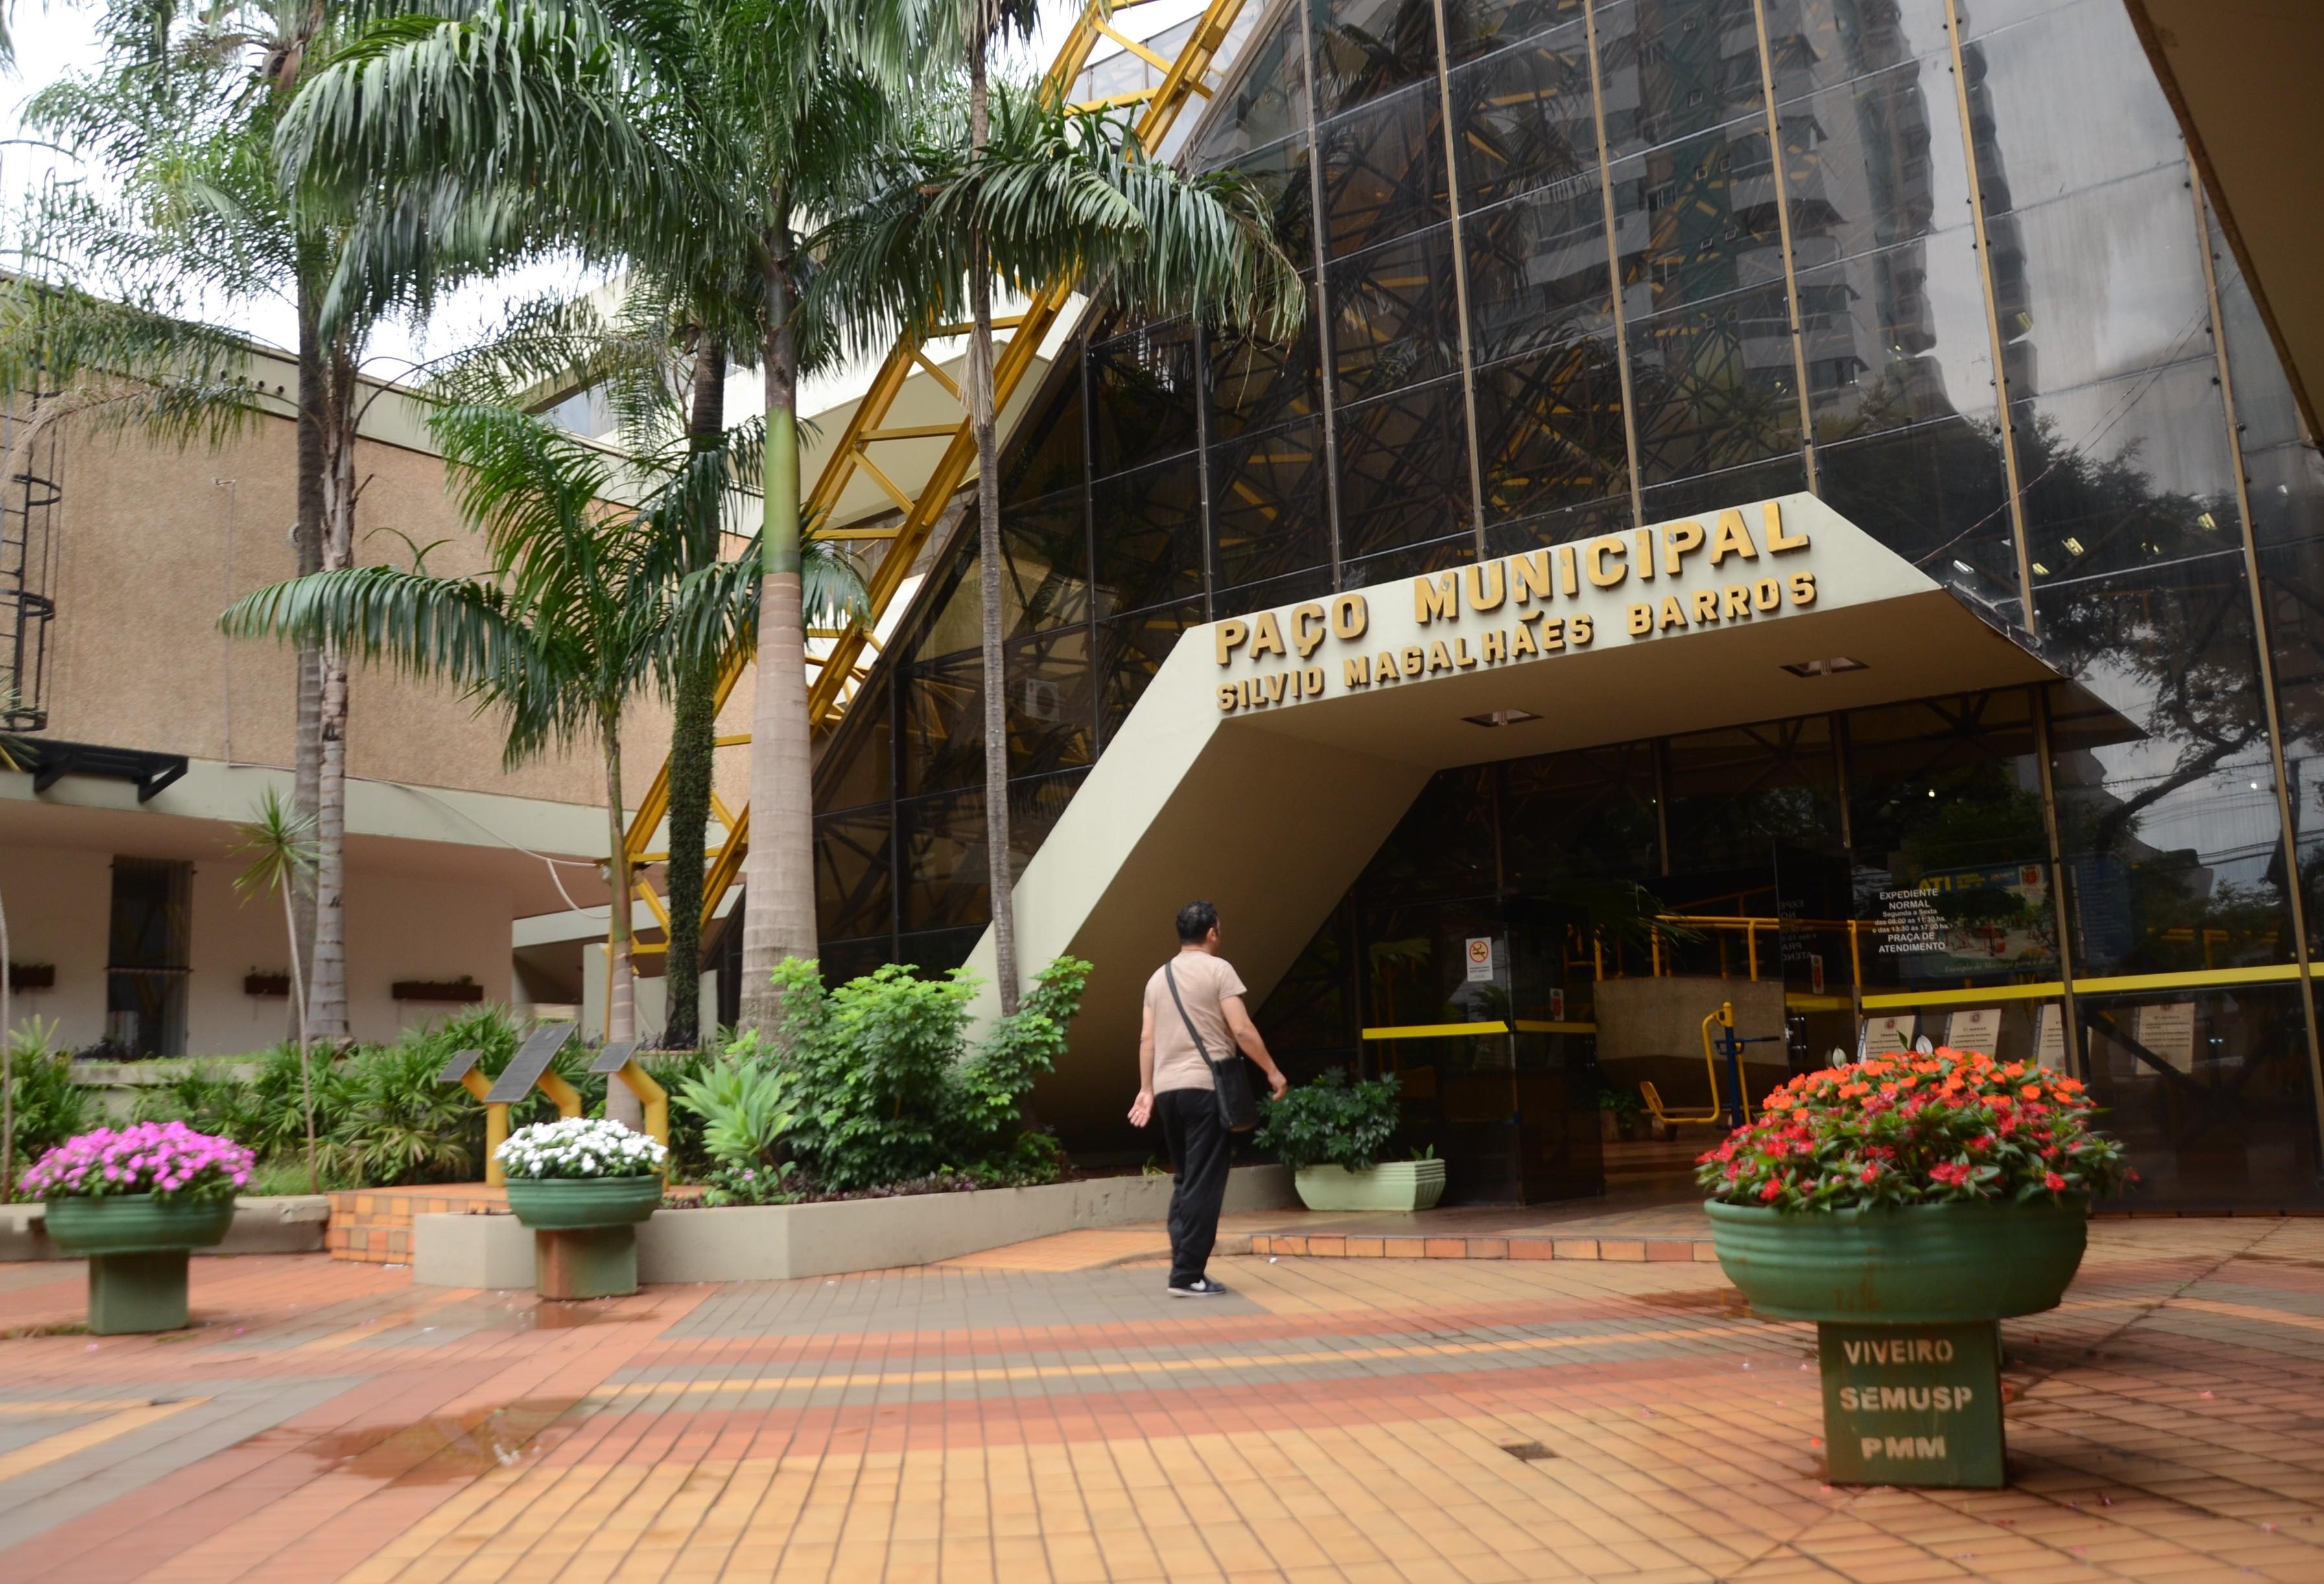 Prefeitura bloqueia registro de horas extras